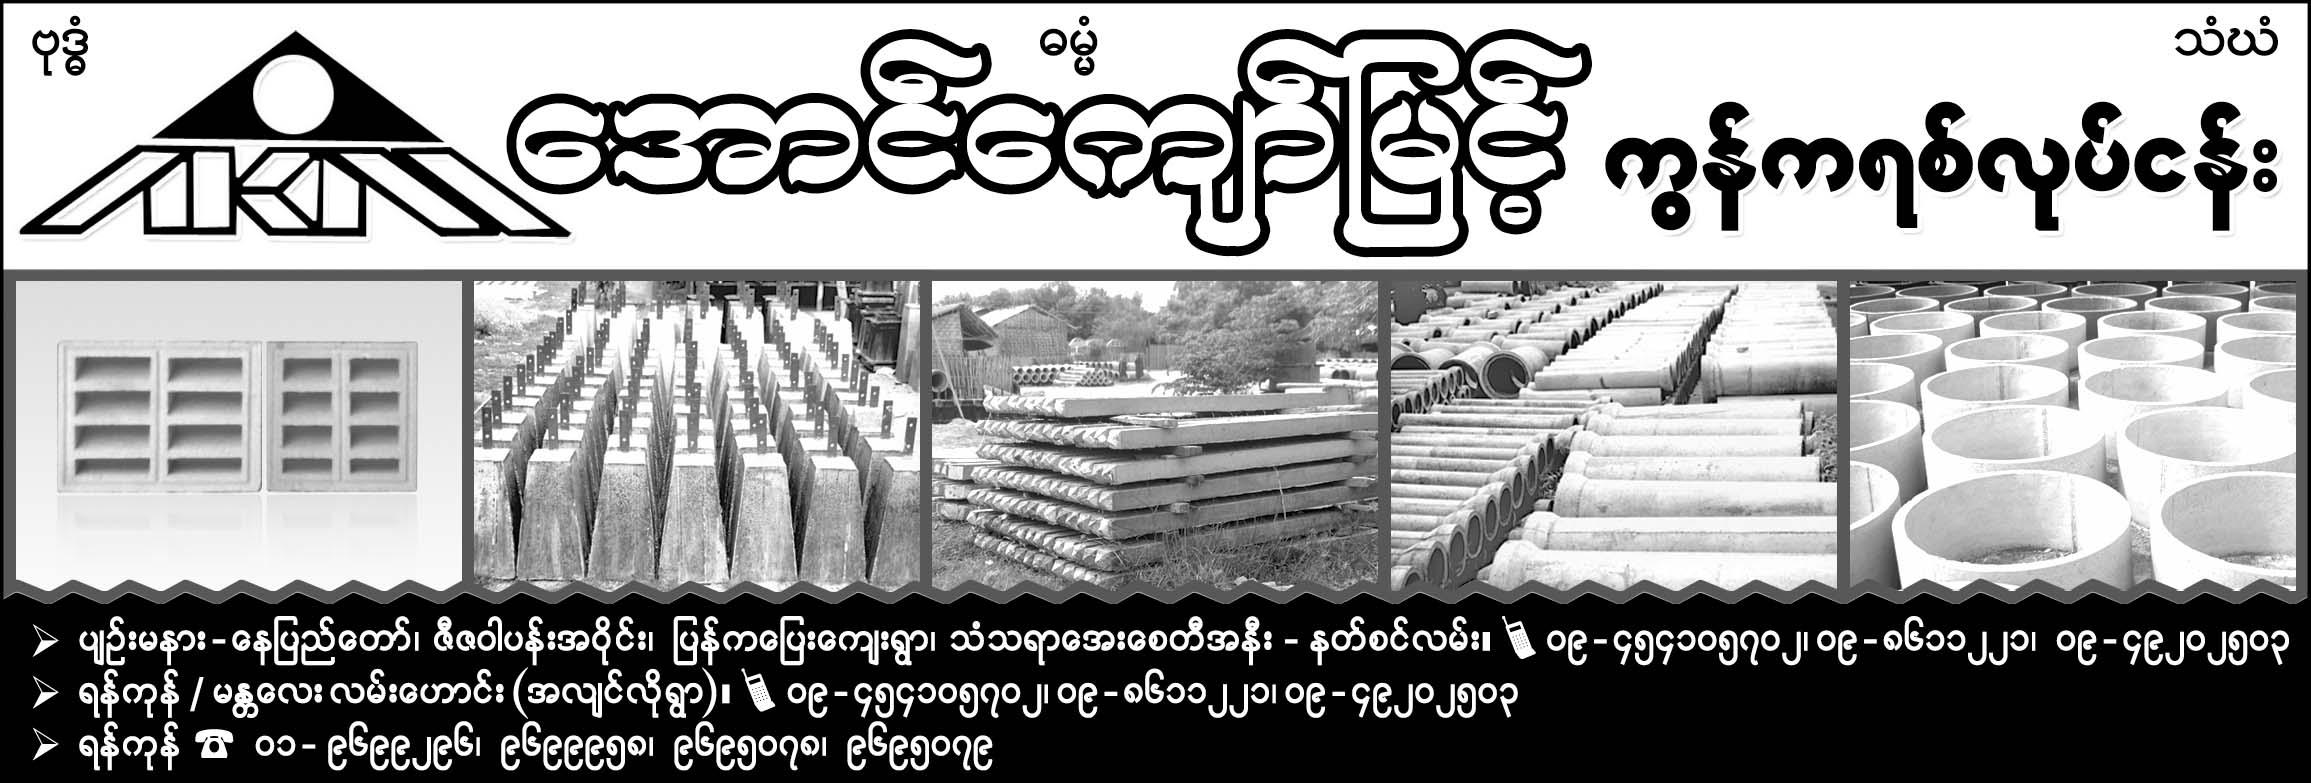 Aung Kyaw Myint